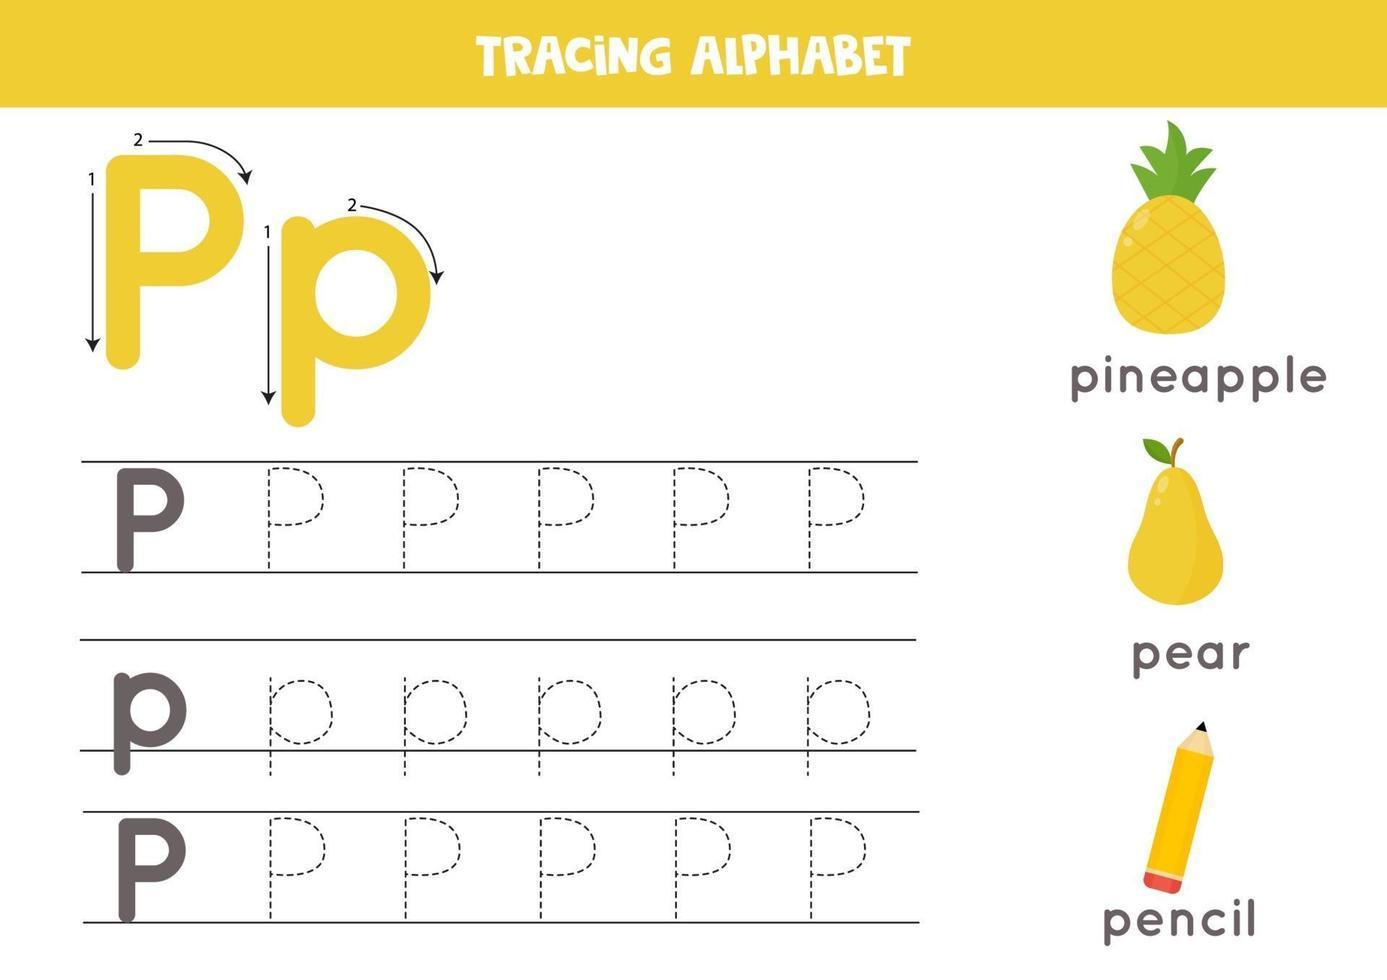 tracciando la lettera p dell'alfabeto con immagini di simpatici cartoni animati. vettore